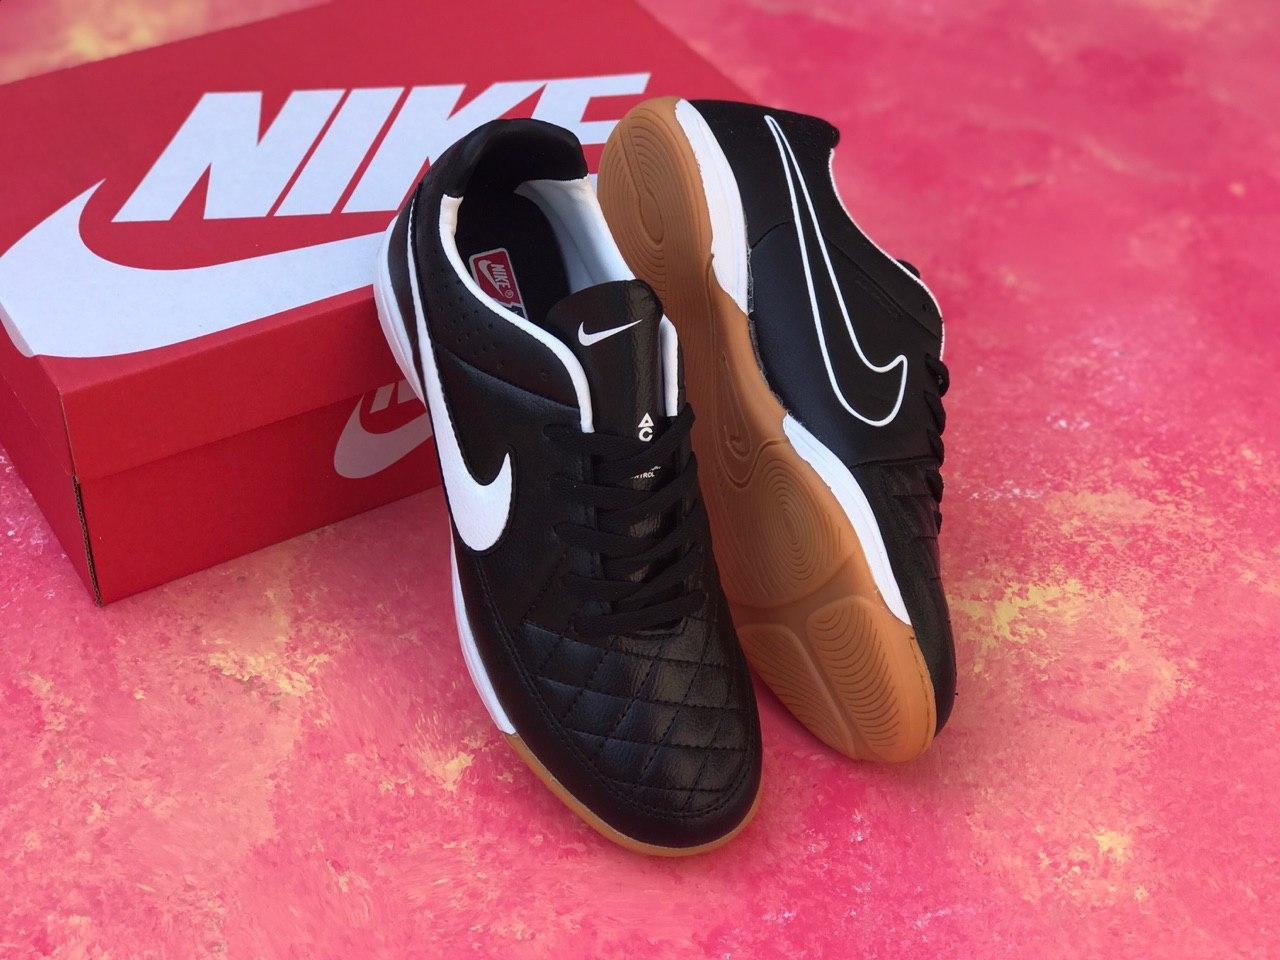 Футзалки Nike Tiempo /футбольная обувь/найк темпо